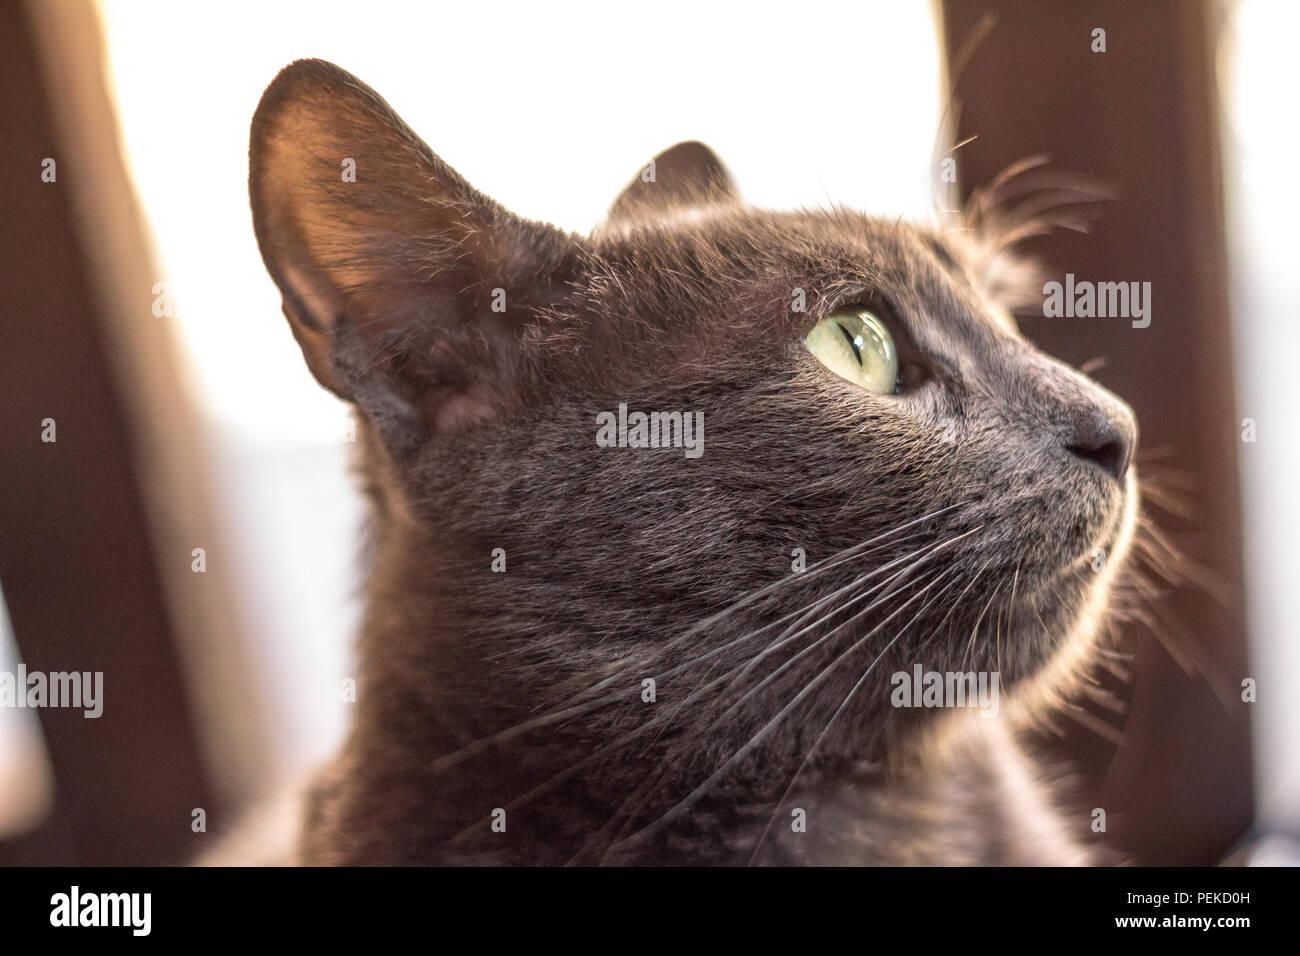 Nahaufnahme Auf Das Profil Der Kopf Einer Blau Grau Streunende Katze